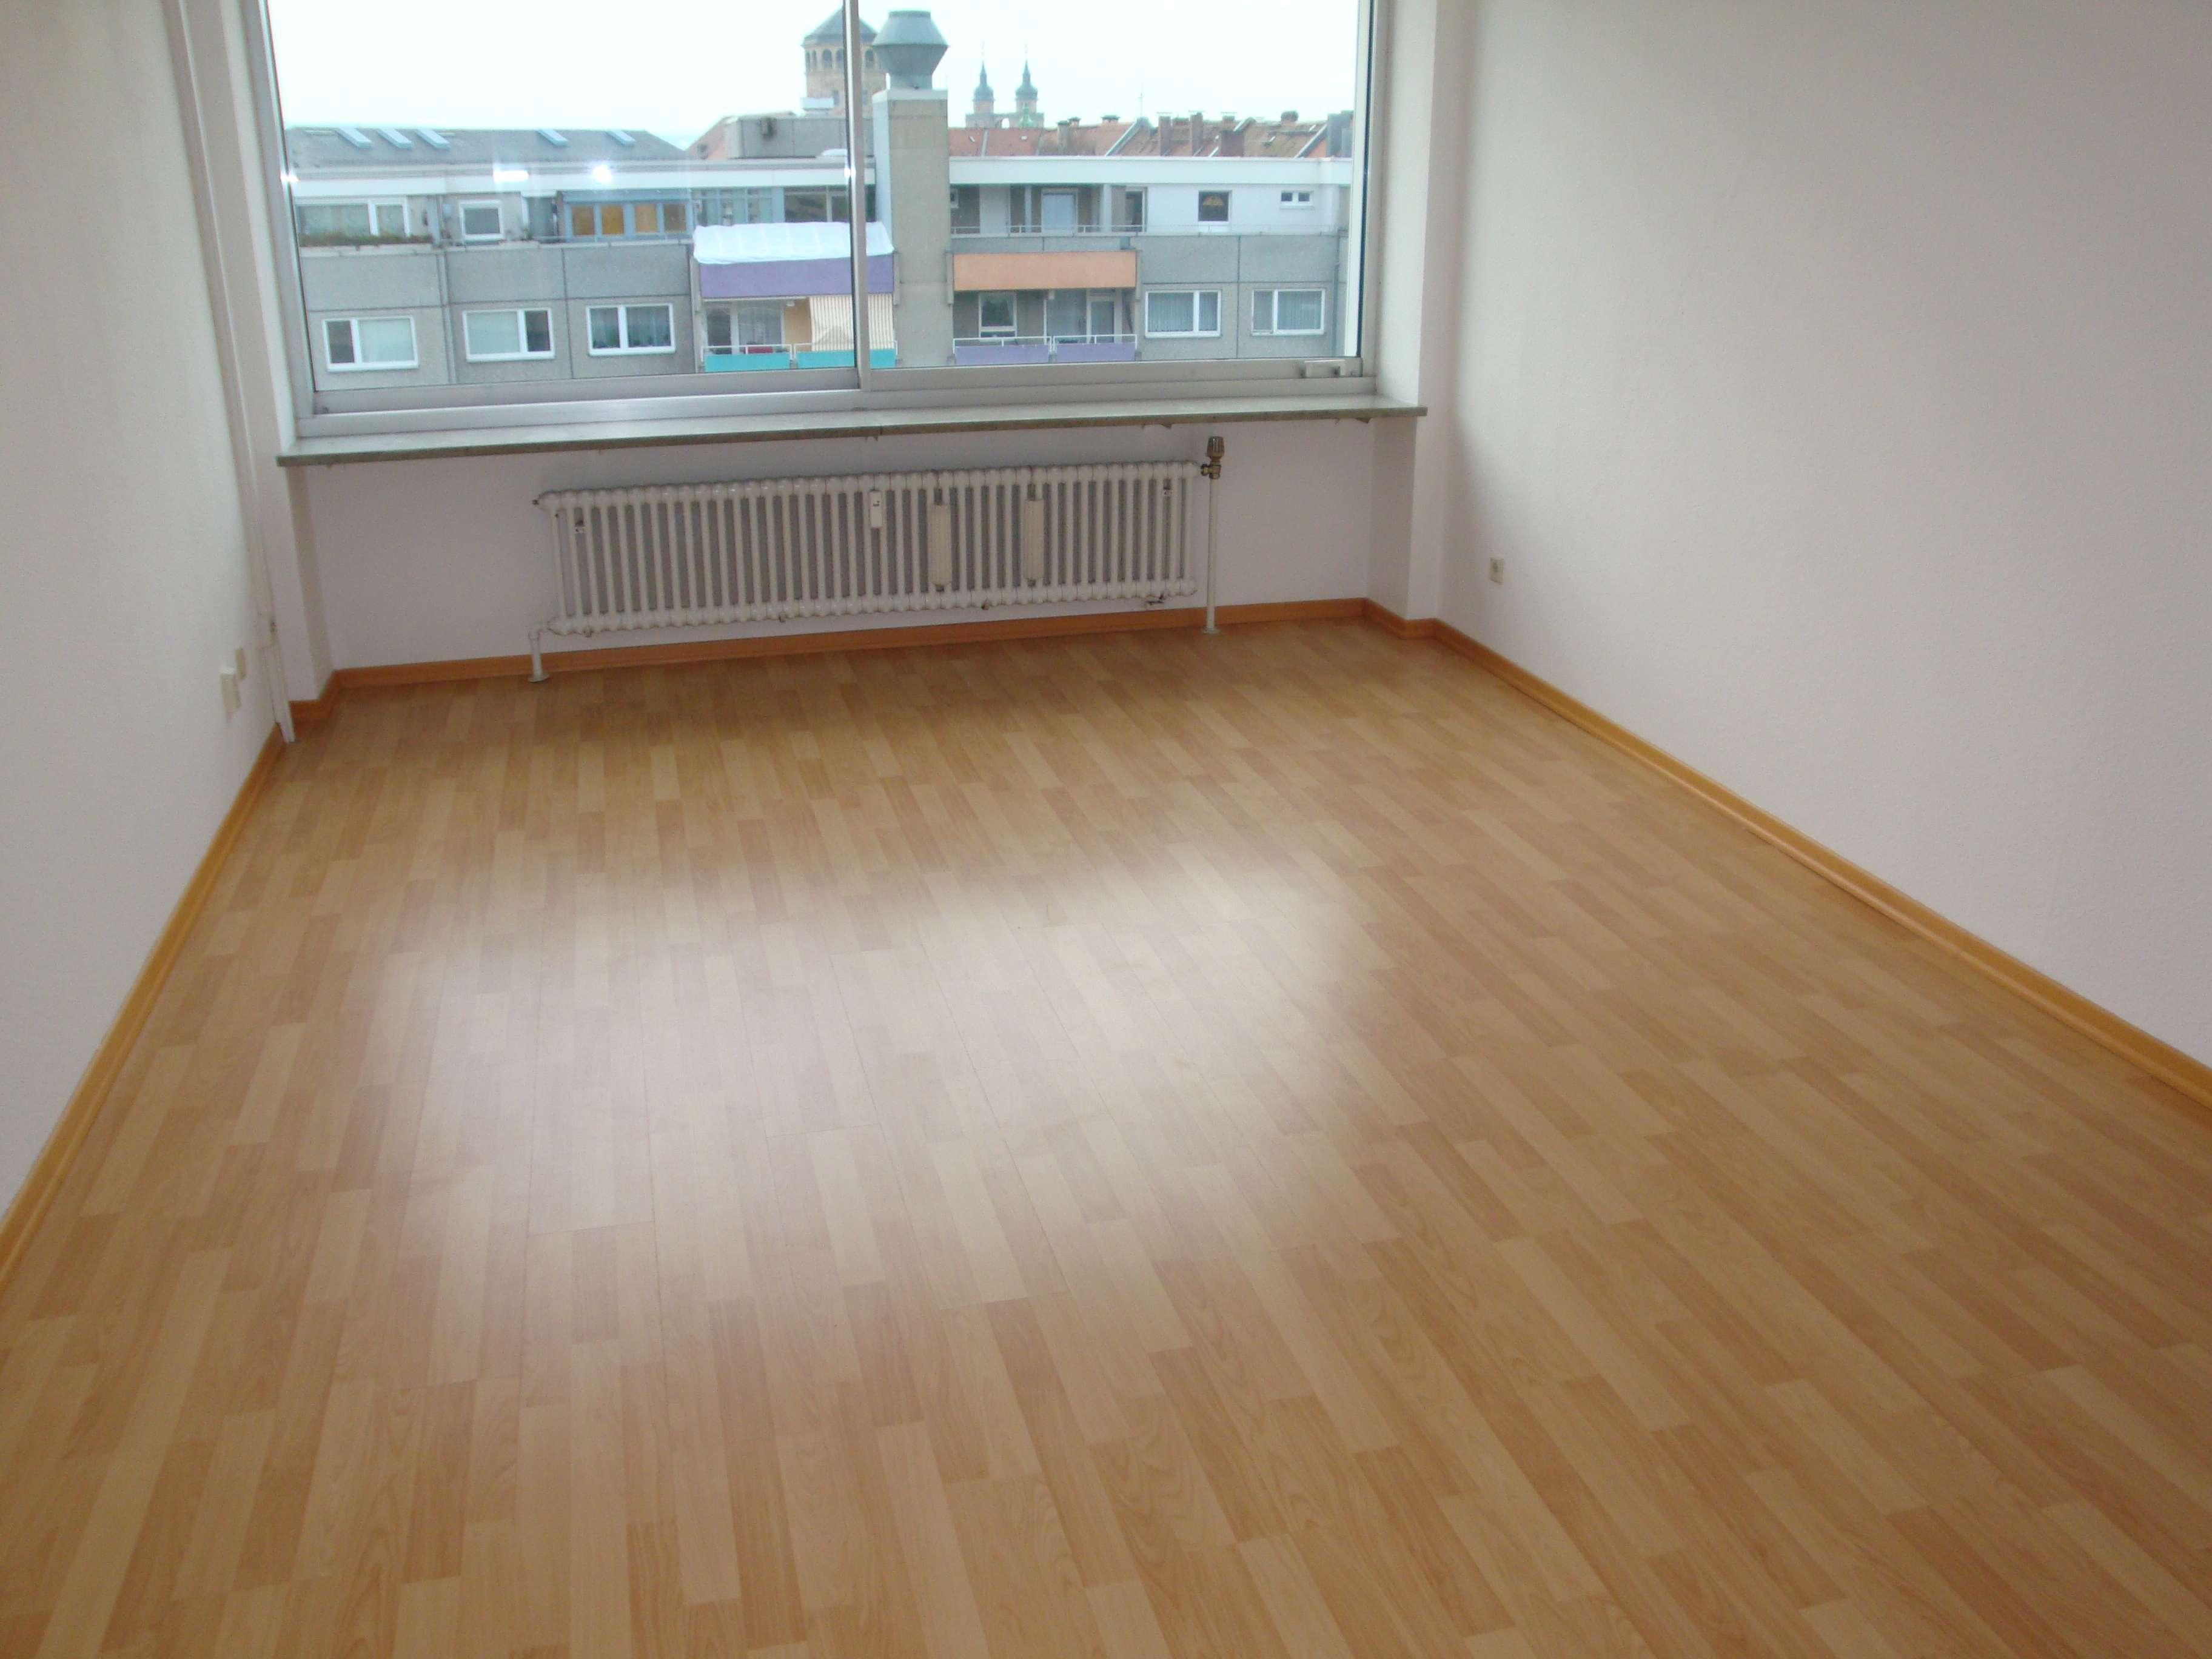 Toplage mit exklusivem Ausblick im Zentrum, 1-Zi.-Wohnung mit Küchenzeile, Wfl. ca. 31 m² in City (Bayreuth)